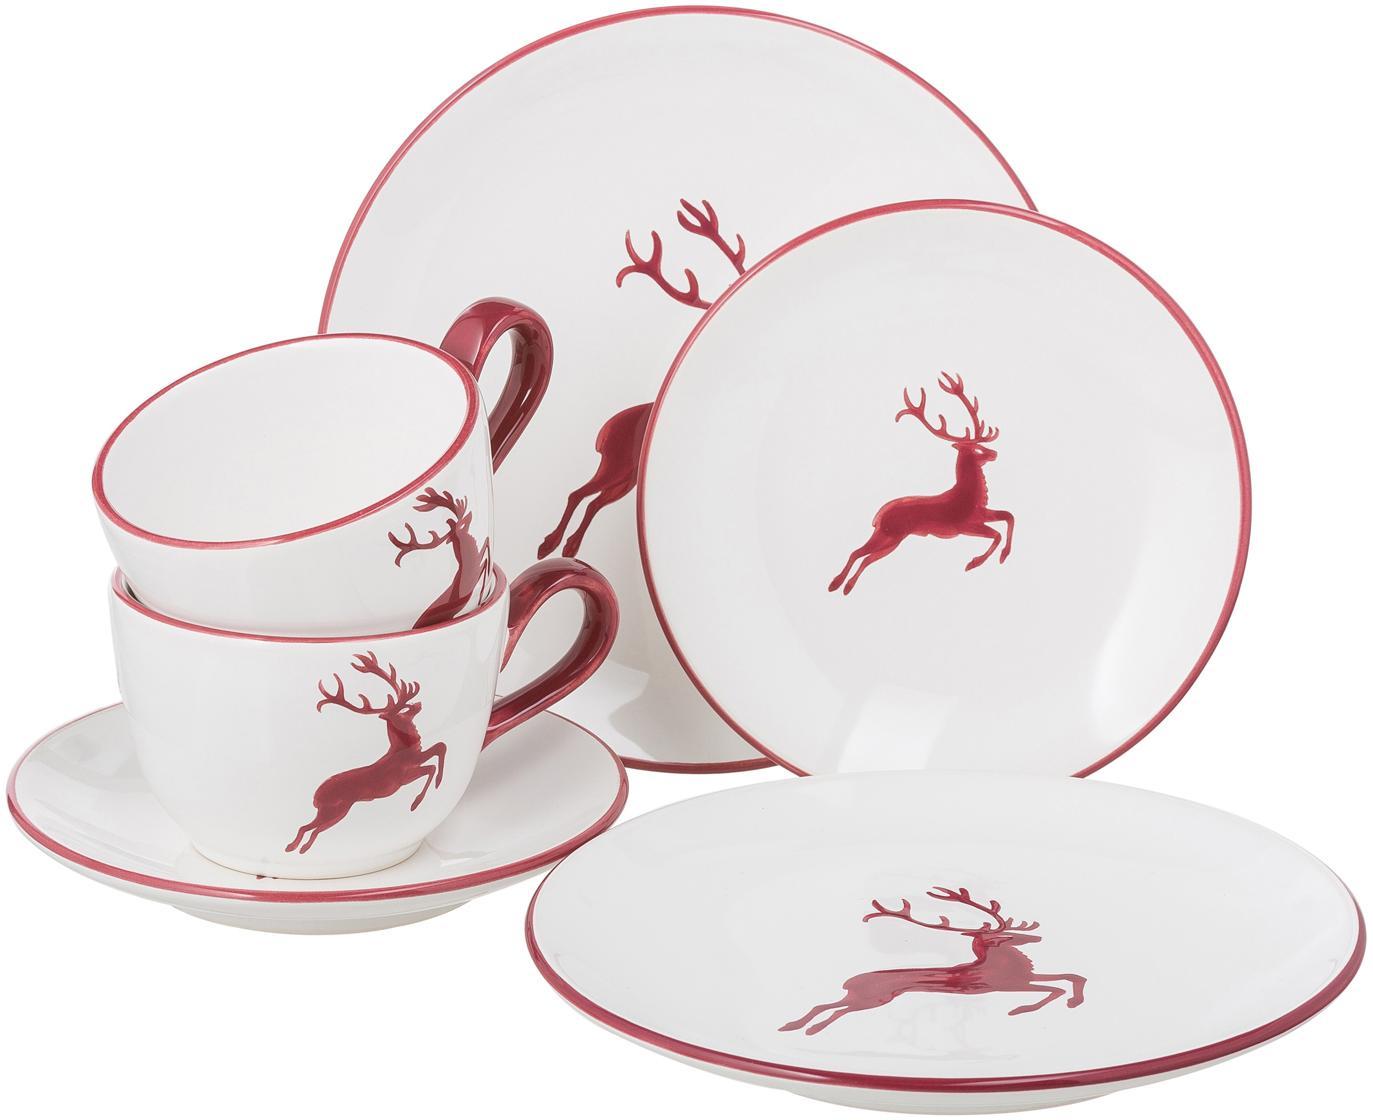 Koffieservies Classic Rode Hert, 2 personen (6-delig), Keramiek, Bordeauxrood, wit, Set met verschillende formaten